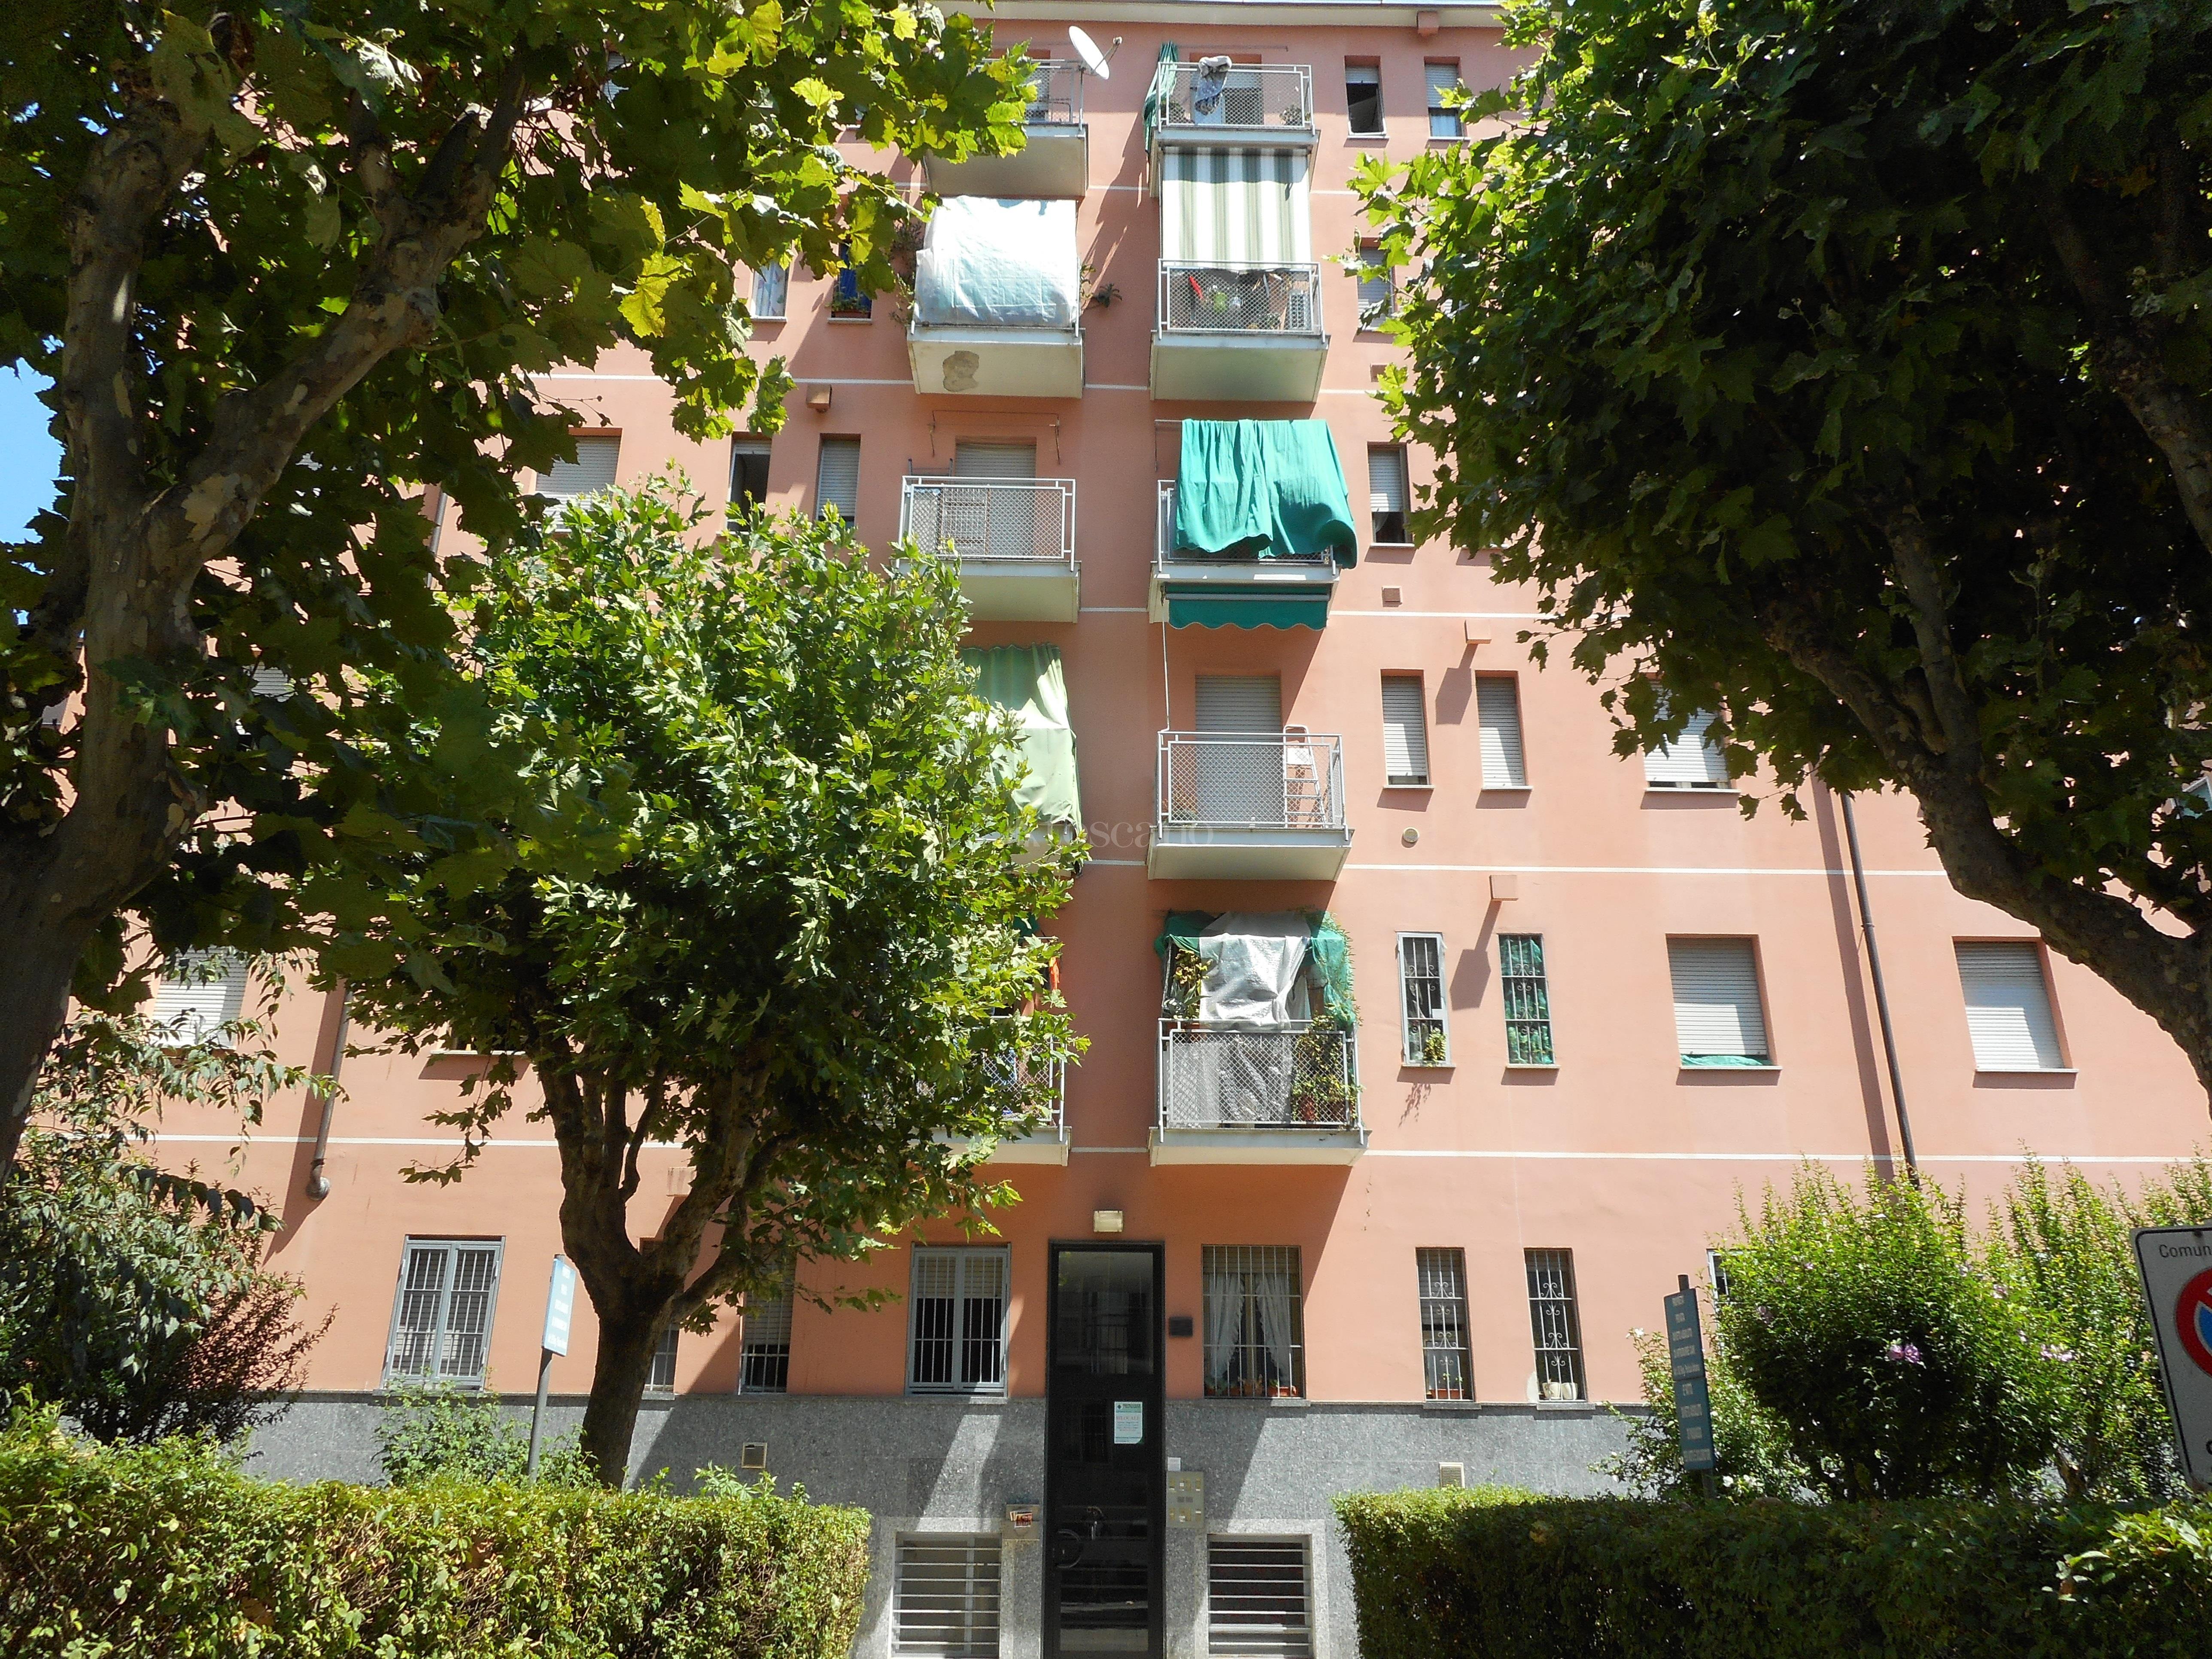 Finest casa in vendita di mq a uac rif with casa 50 mq - Ikea casa 50 mq ...